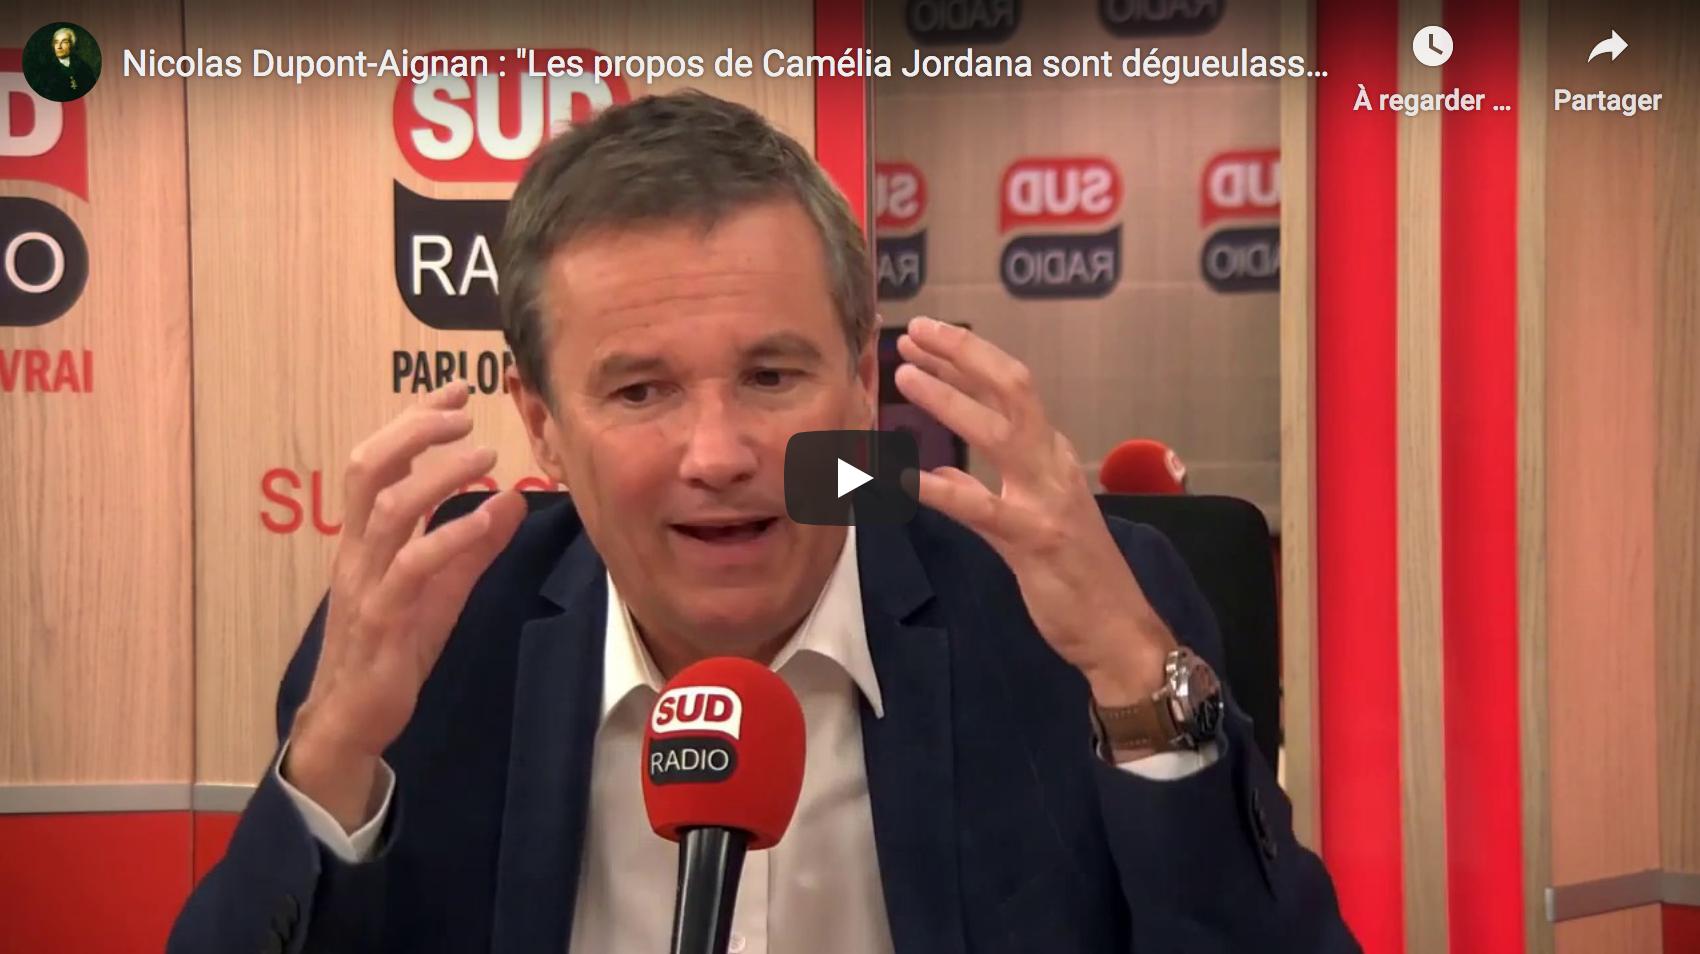 Traitement du Covid-19 : Nicolas Dupont-Aignan dénonce des «conflits d'intérêts au sommet» (VIDÉO)